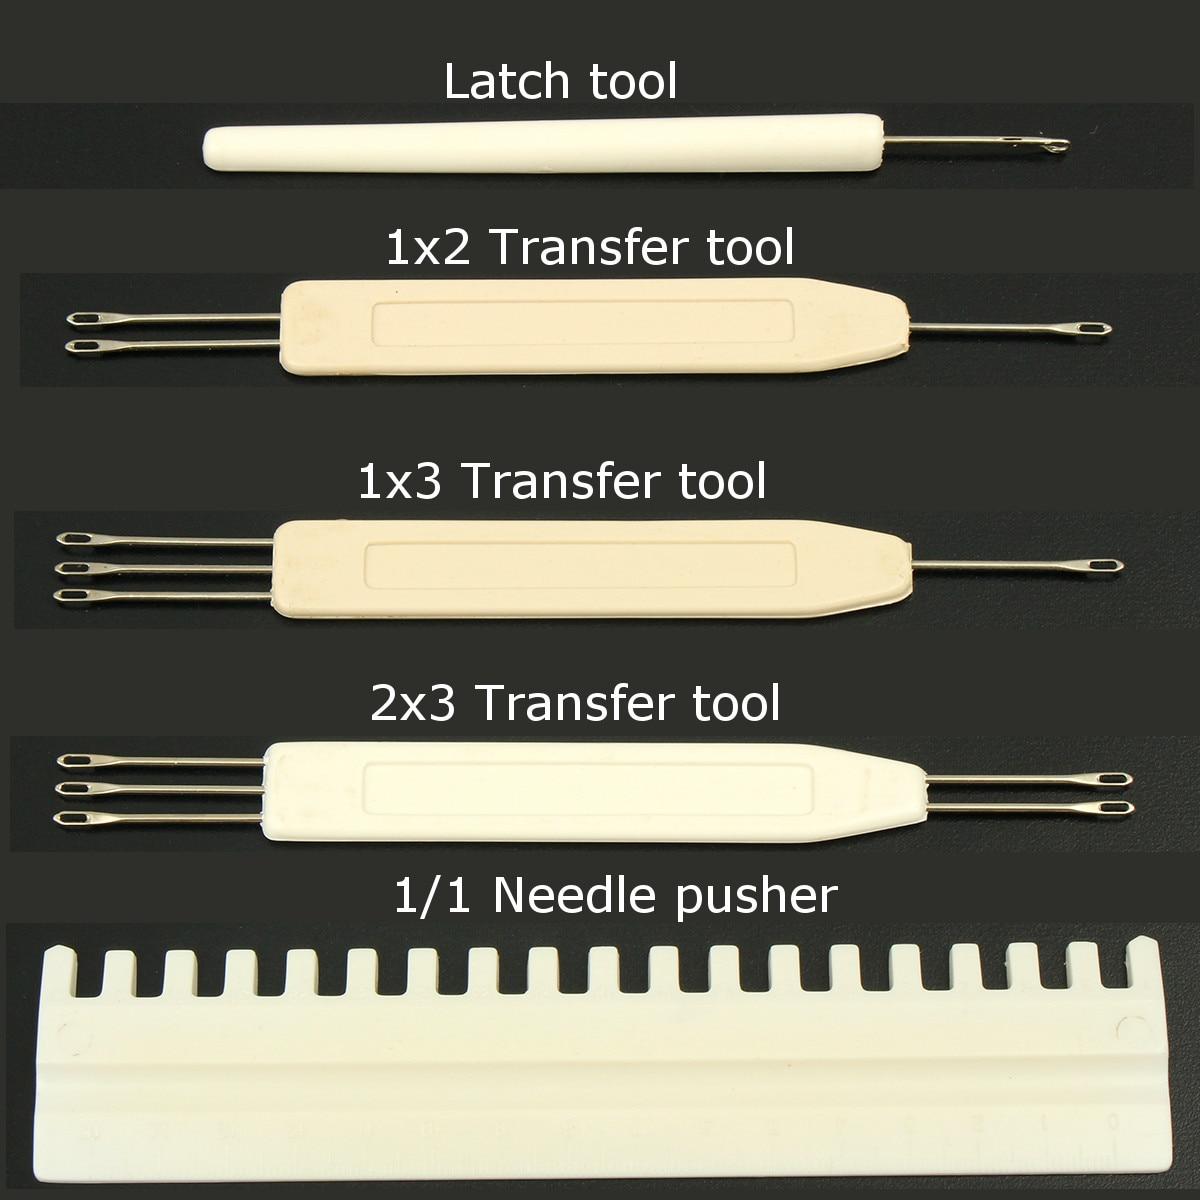 Herramienta de Transferencia Aguja de Empuje Herramientas de Coser de Ganchillo para m/áquina de Tejer KH581 KH811 KH821 Accesorios para m/áquinas de Coser